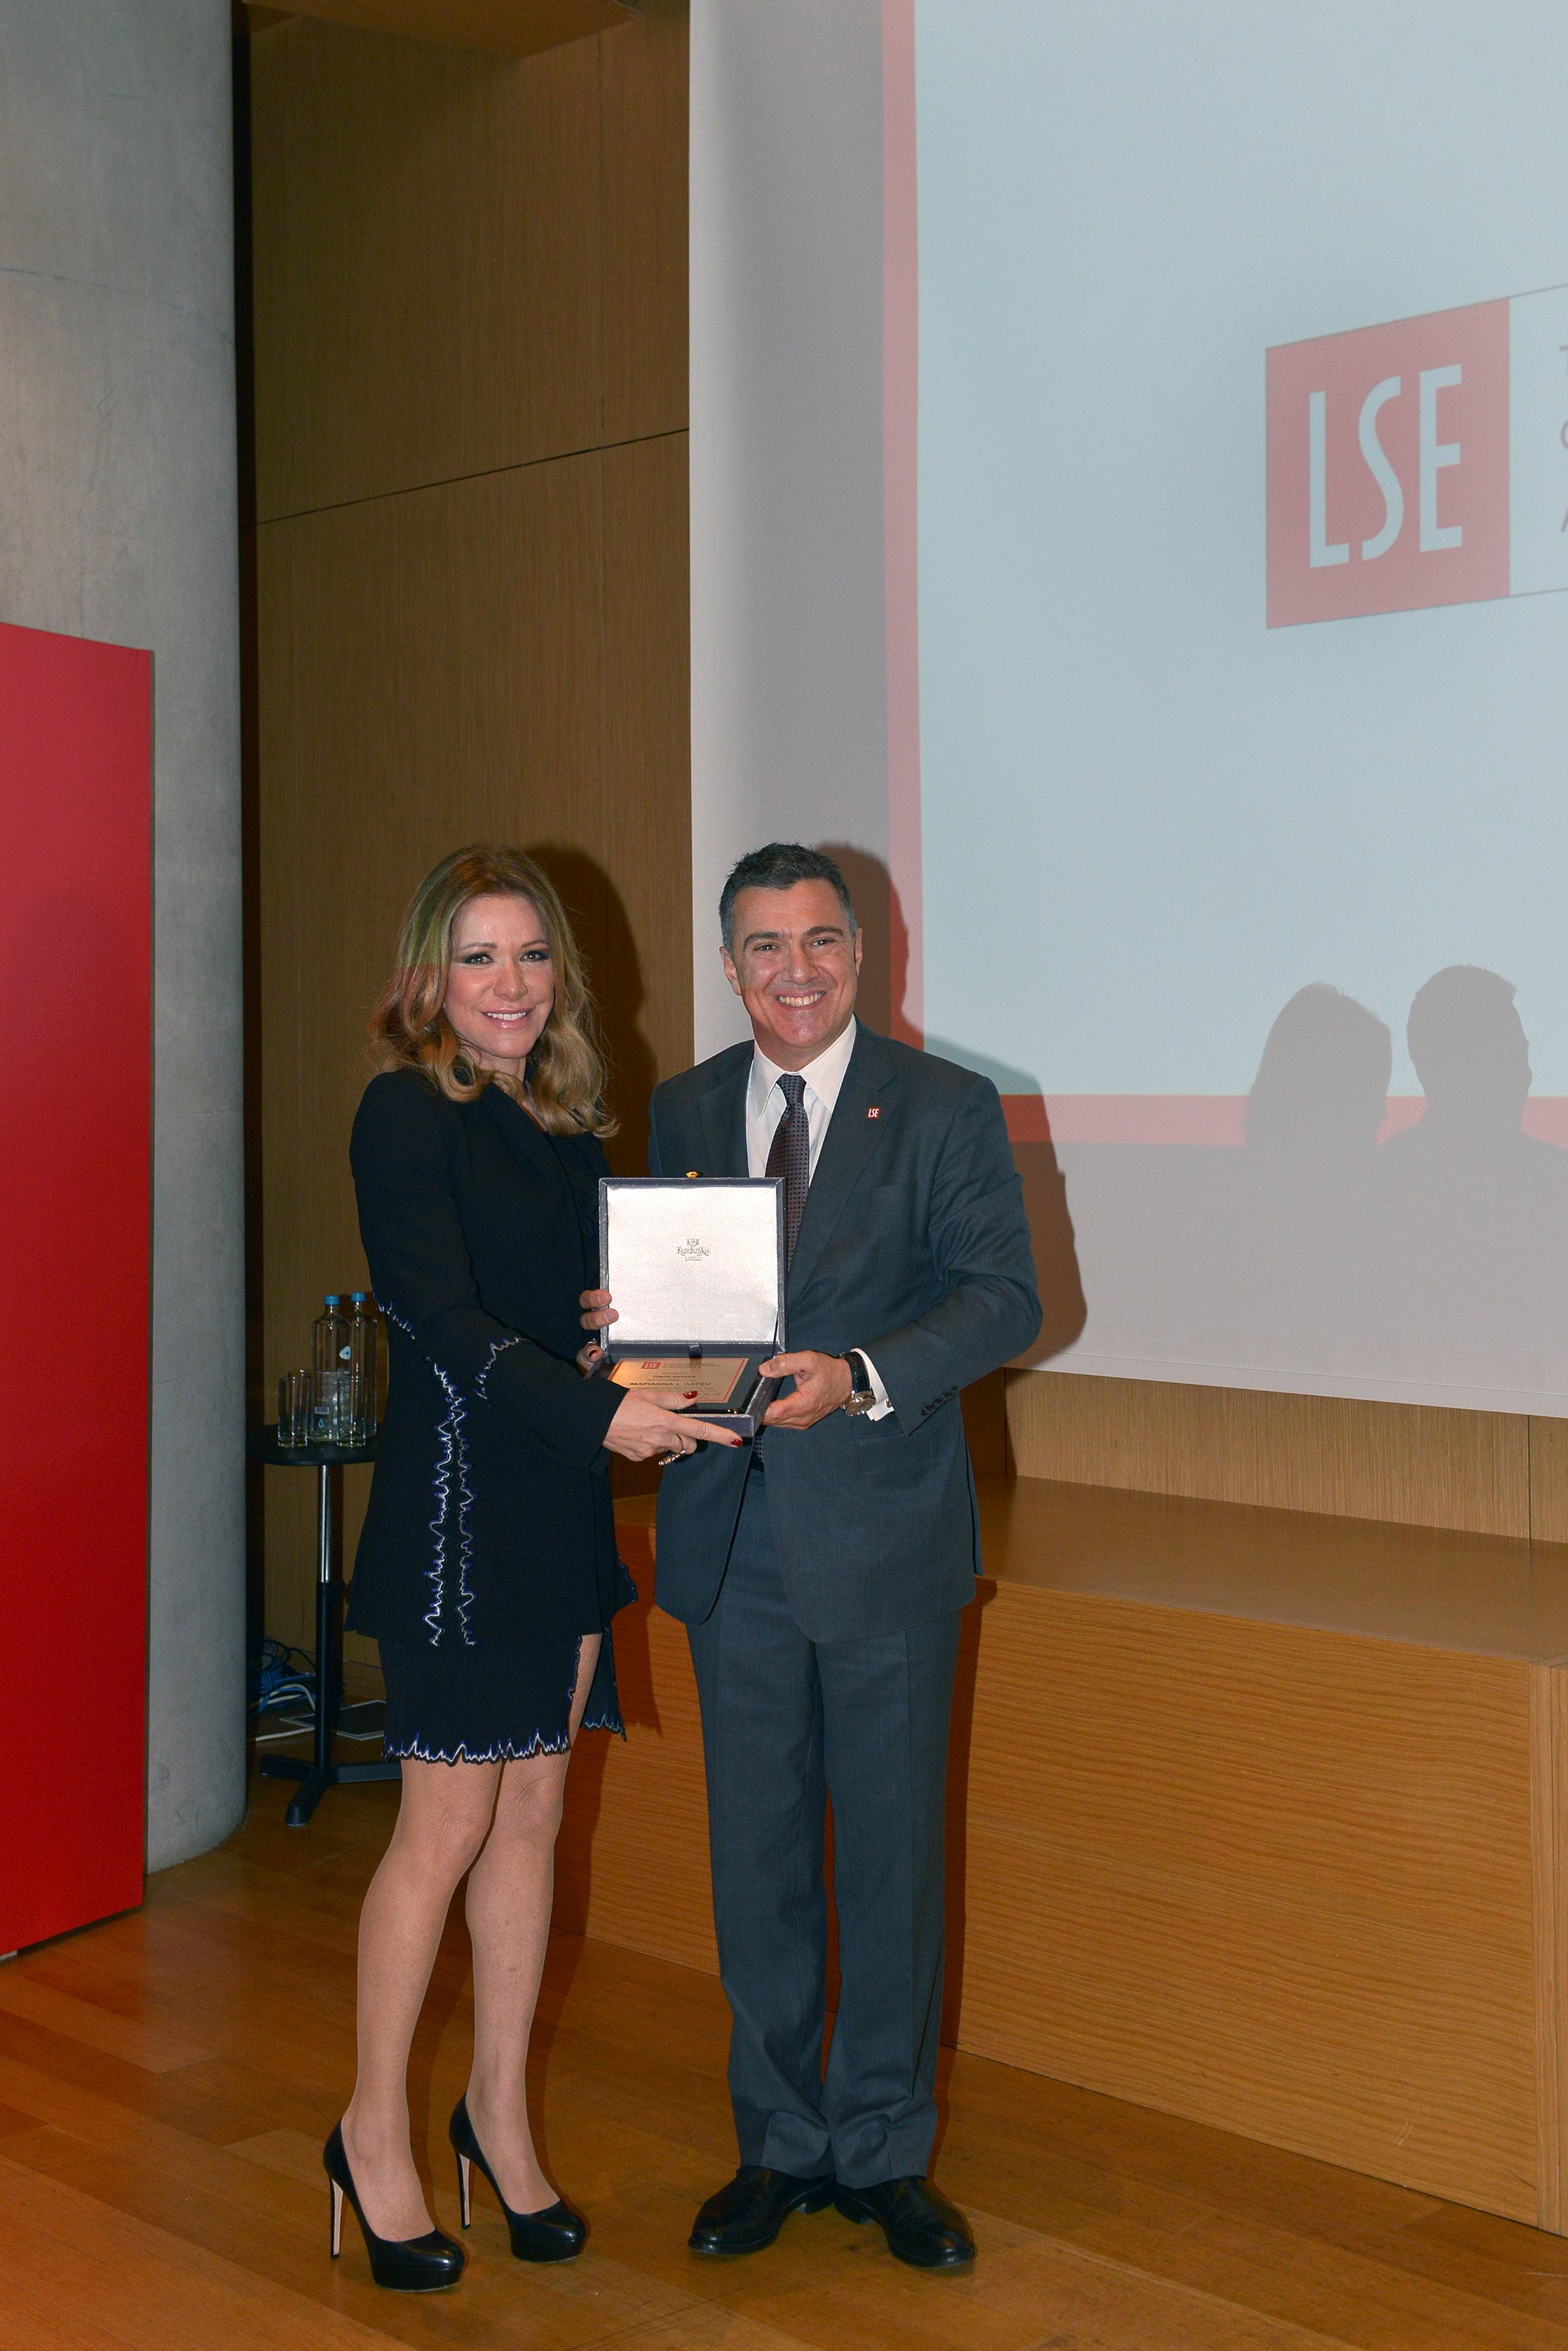 κα Μαριάννα Λάτση κ. Νίκος Σοφιανός Πρόεδρος του Ελληνικού Συλλόγου Αποφοίτων LSE